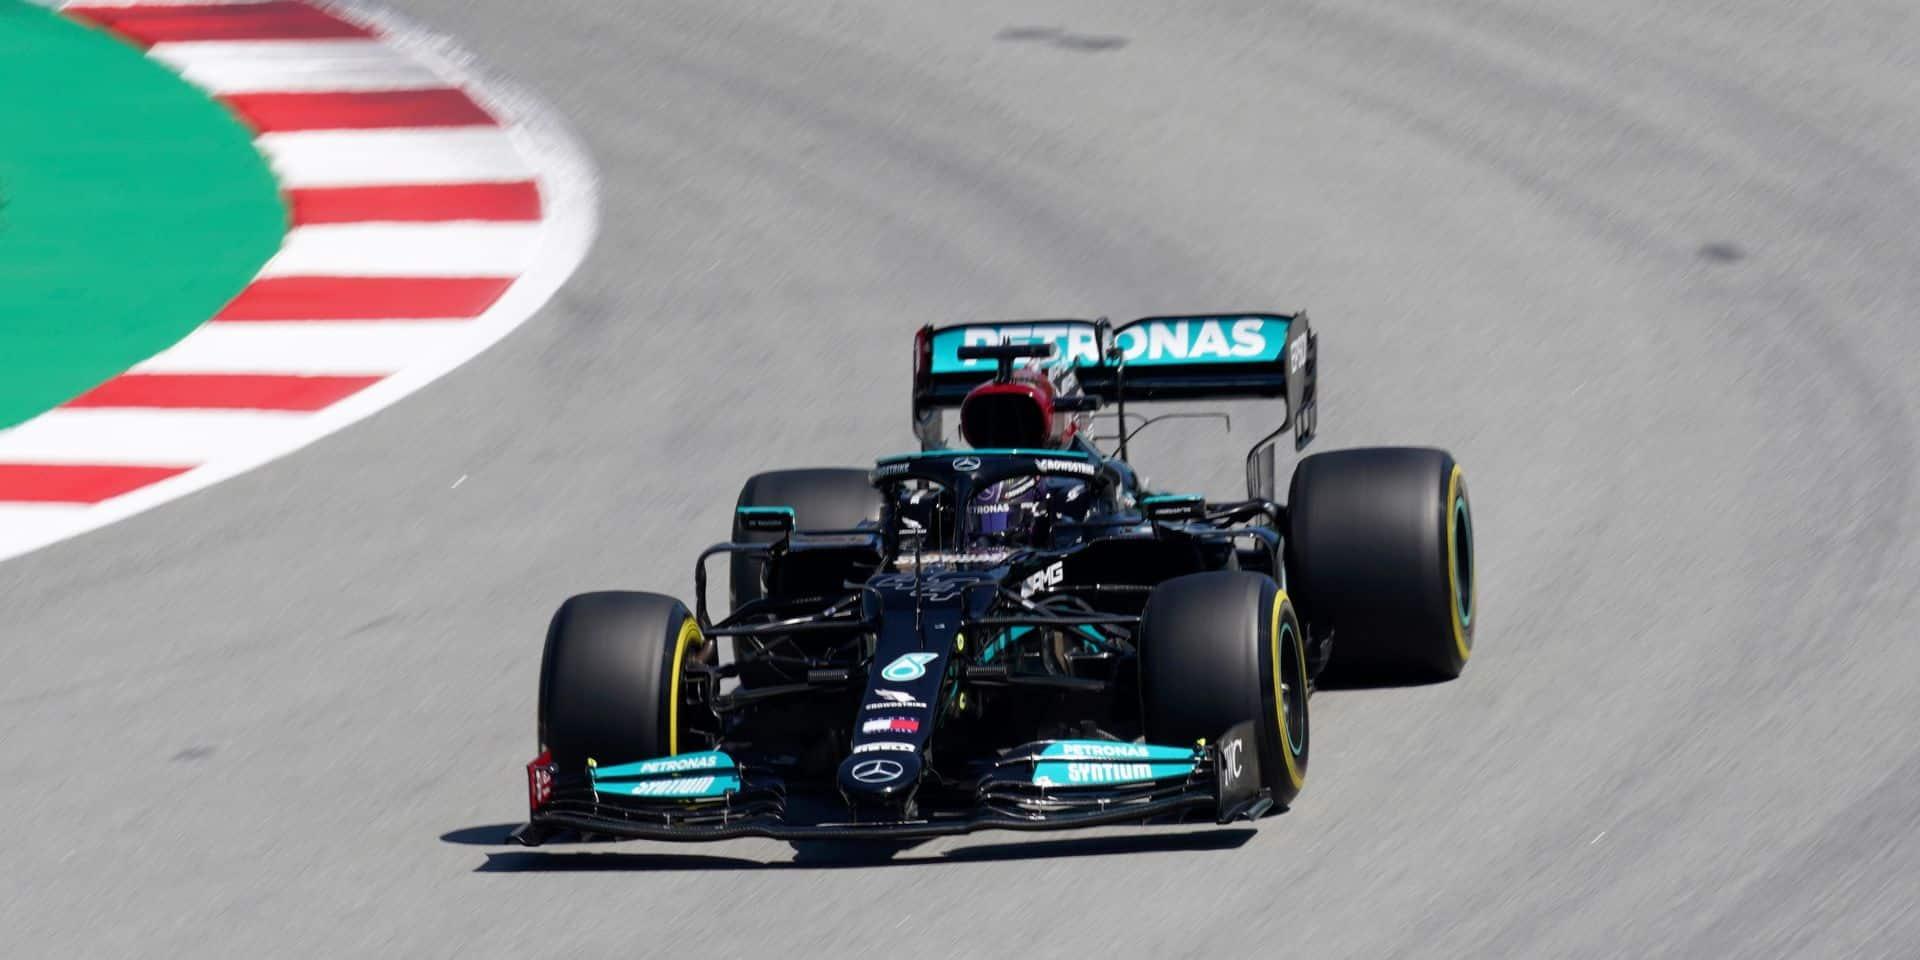 GP d'Espagne: Lewis Hamilton décroche à Barcelone la 100e pole position de sa carrière